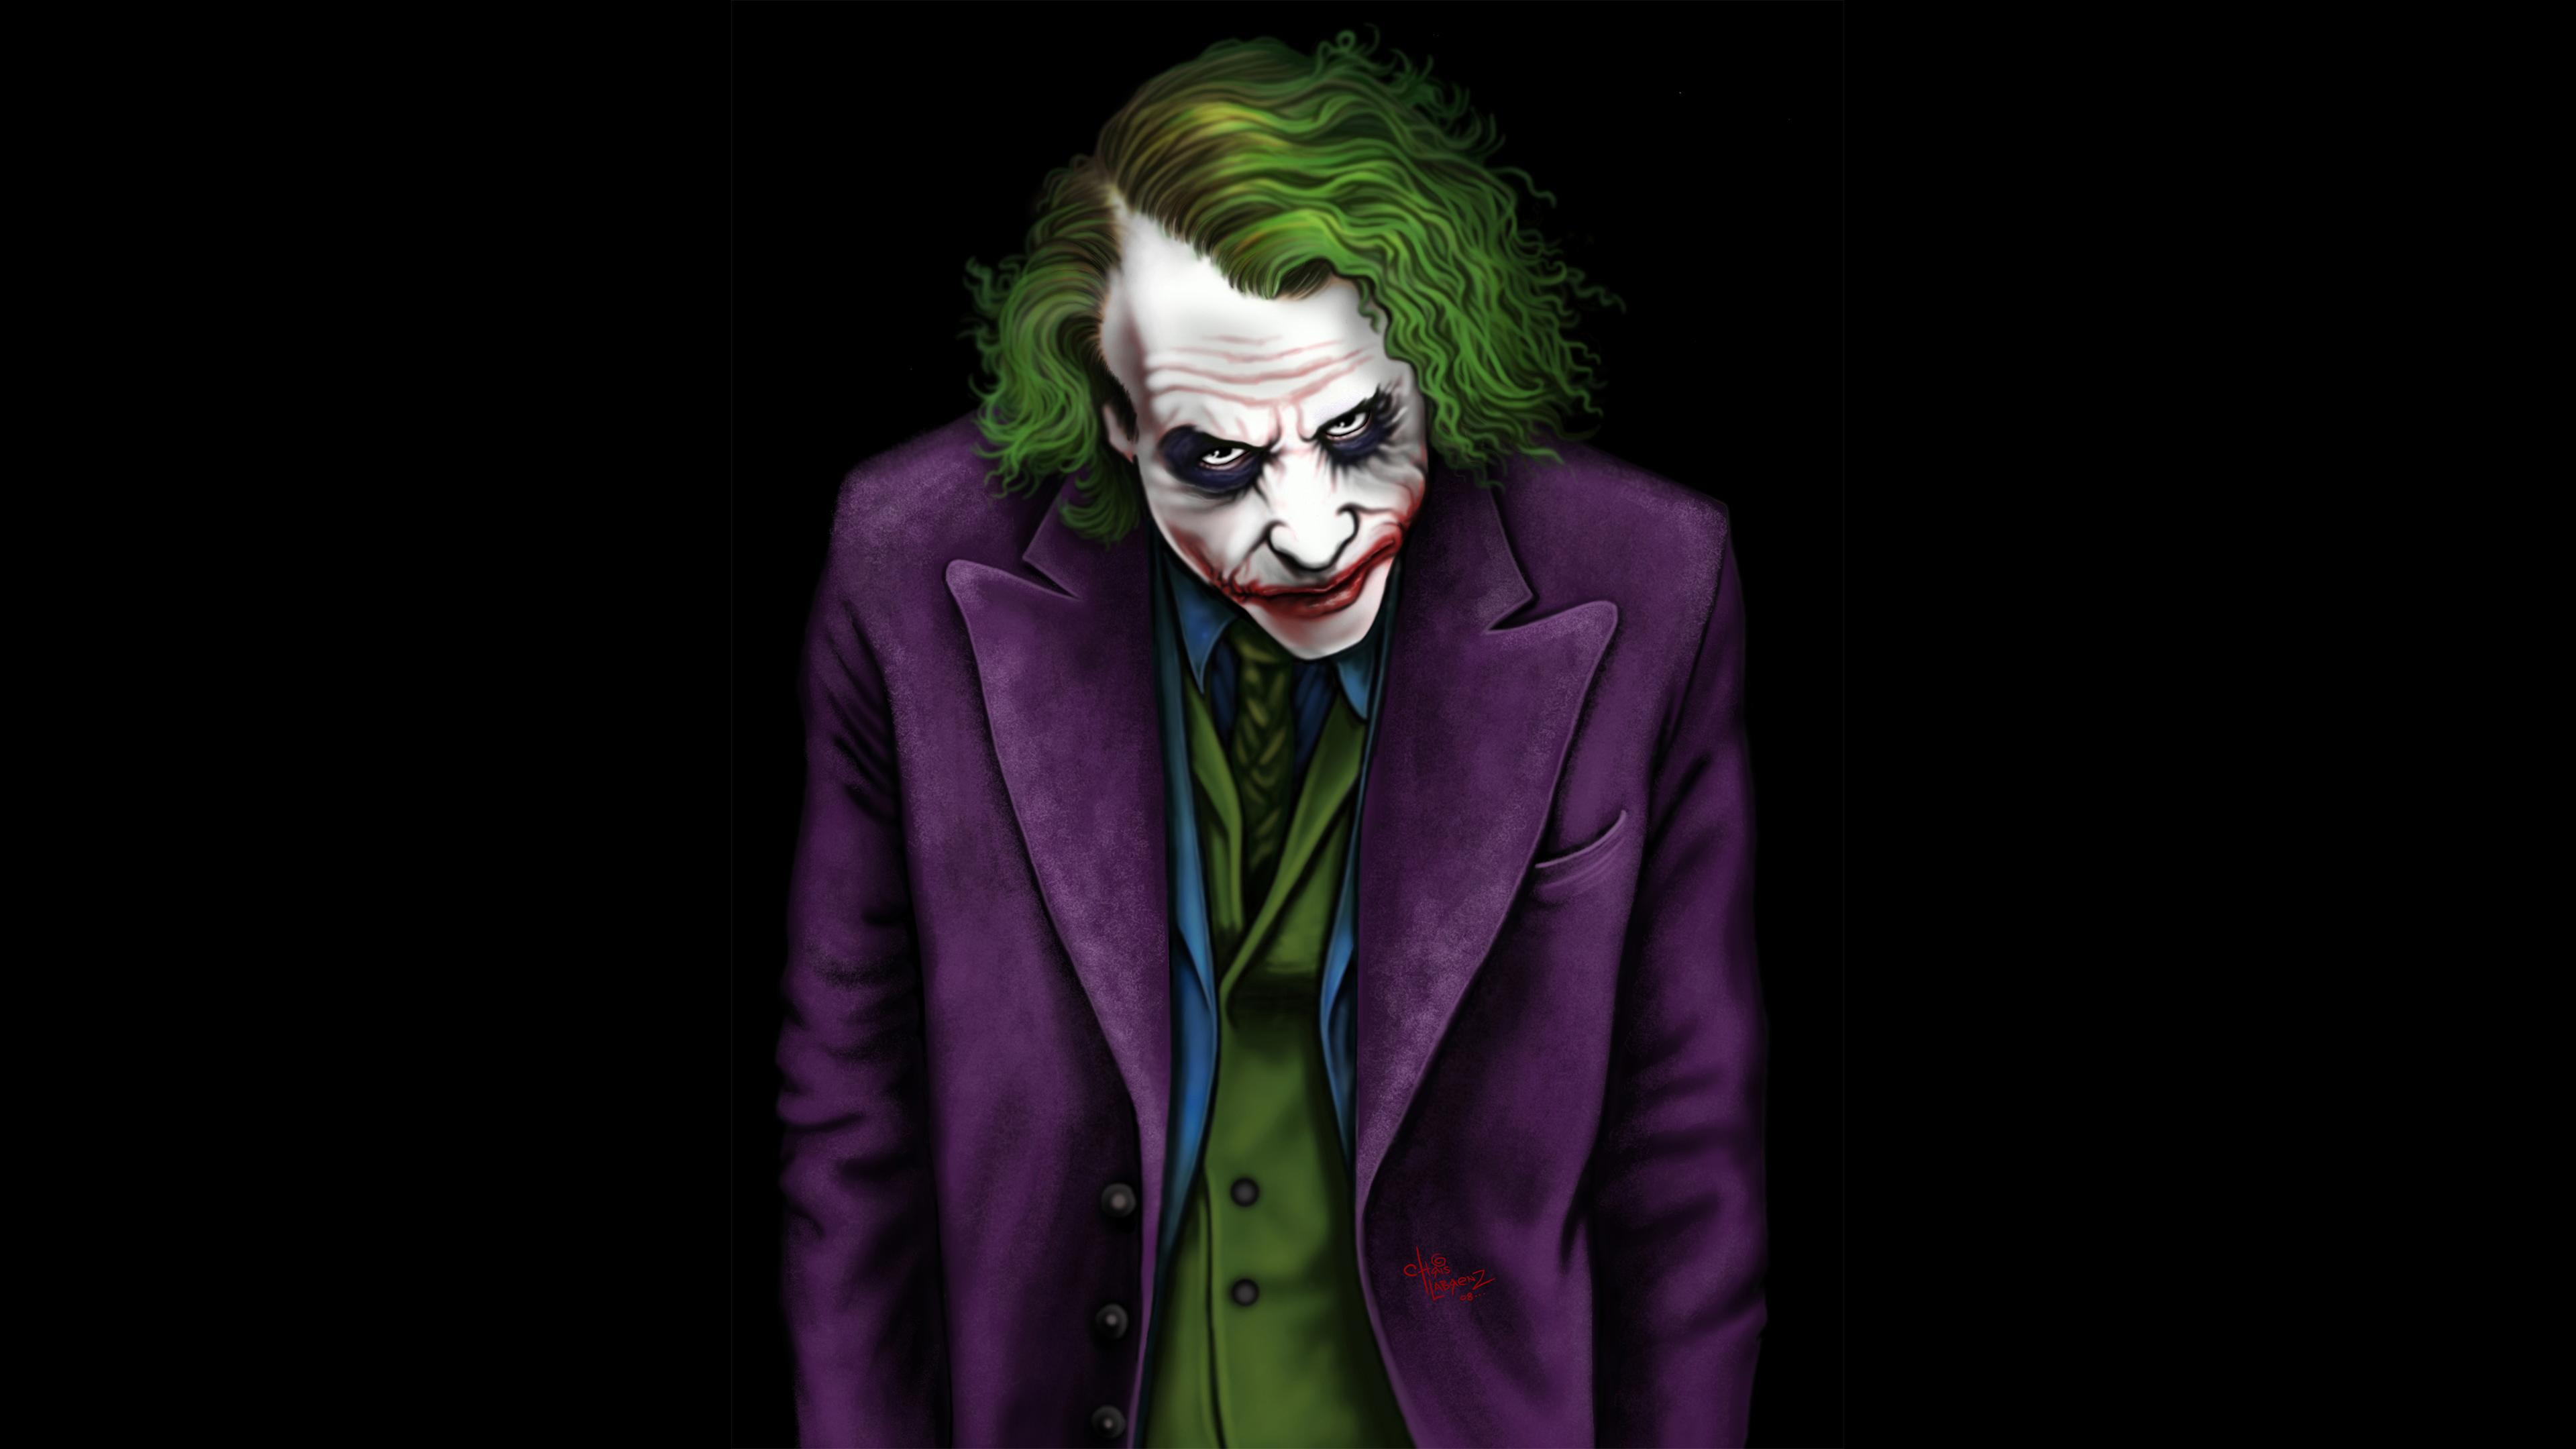 joker heath ledger artwork 4k 1544286909 - Joker Heath Ledger Artwork 4k - supervillain wallpapers, superheroes wallpapers, joker wallpapers, hd-wallpapers, digital art wallpapers, deviantart wallpapers, artwork wallpapers, artist wallpapers